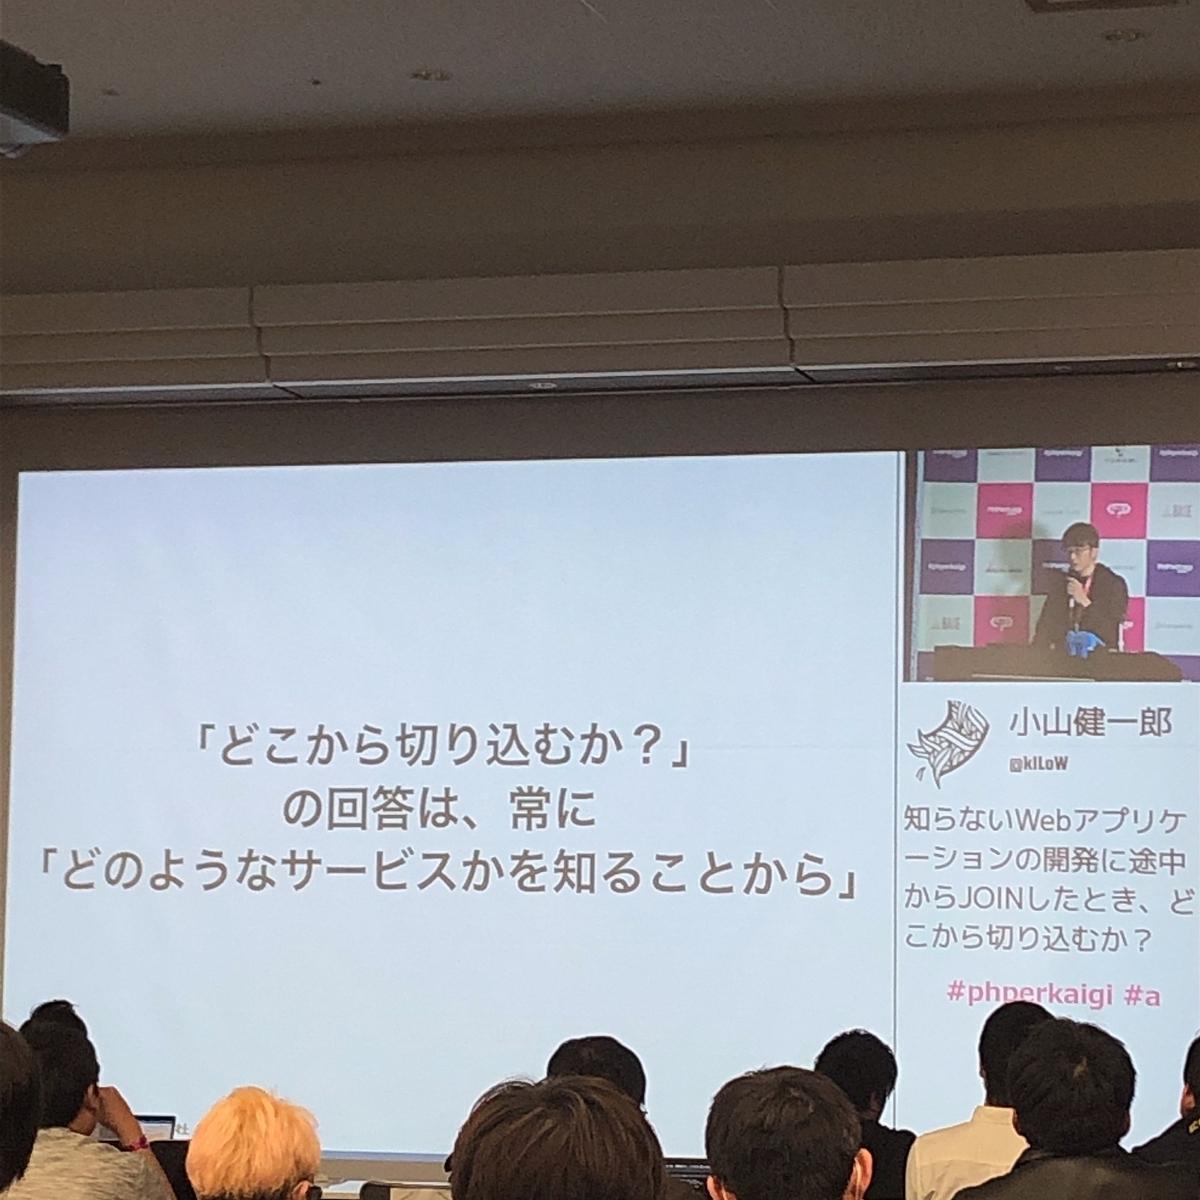 『知らないWebアプリケーションの開発に途中からJOINしたよき、どこから切り込むか?』@小山健一郎